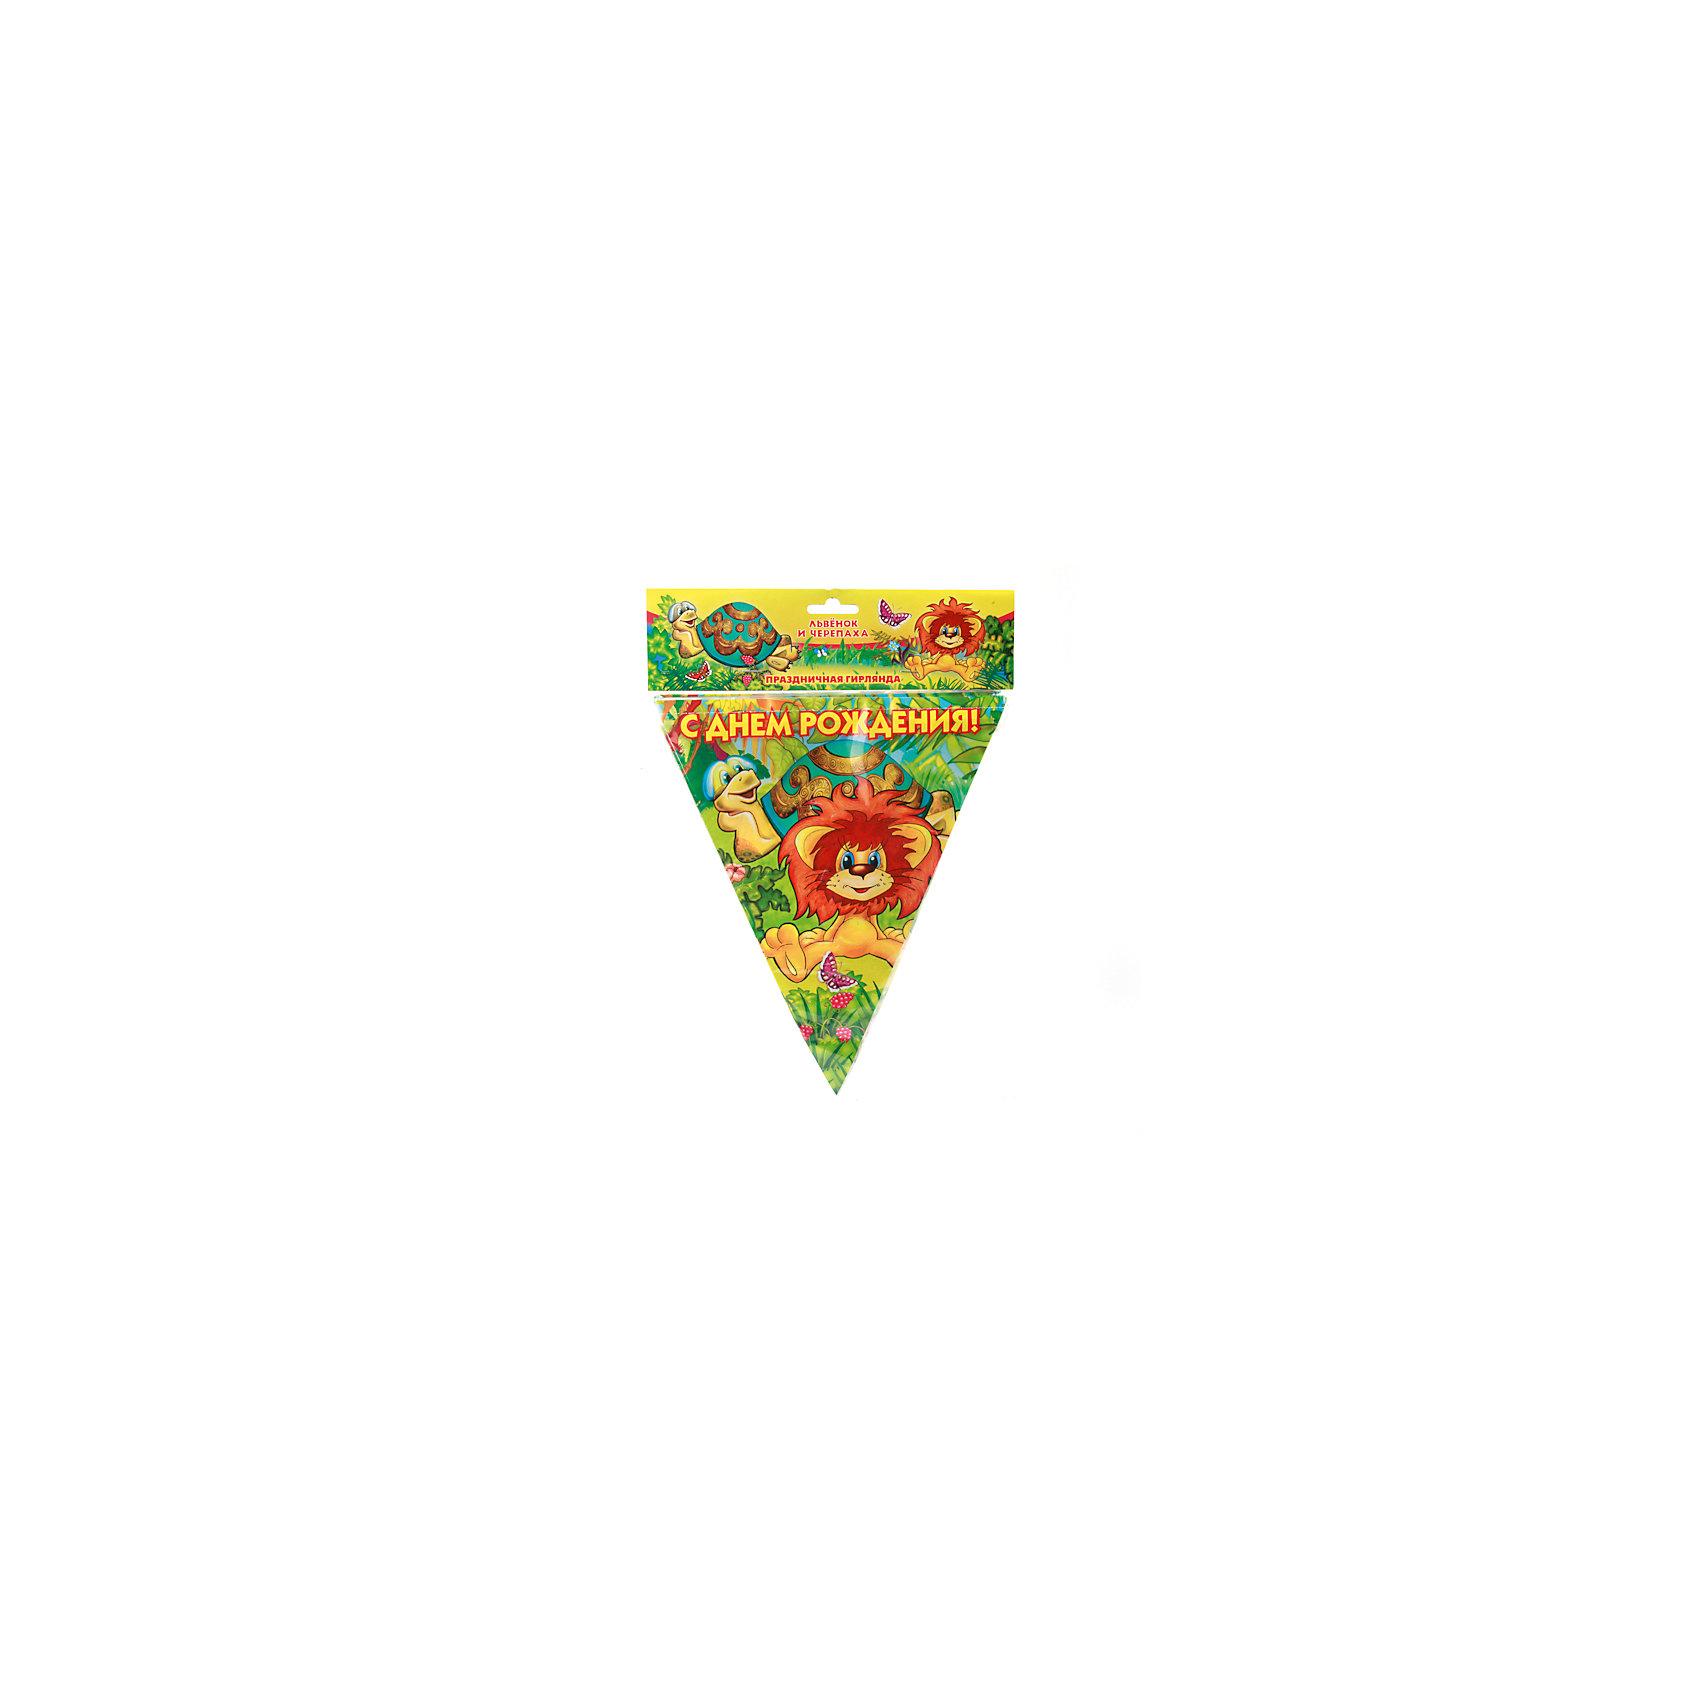 Гирлянда-флаг Львёнок и черепахаГирлянда-флаг Весёлый праздник дизайн Львёнок и черепаха 300 см<br><br>Ширина мм: 320<br>Глубина мм: 240<br>Высота мм: 10<br>Вес г: 20<br>Возраст от месяцев: 12<br>Возраст до месяцев: 72<br>Пол: Унисекс<br>Возраст: Детский<br>SKU: 5196934